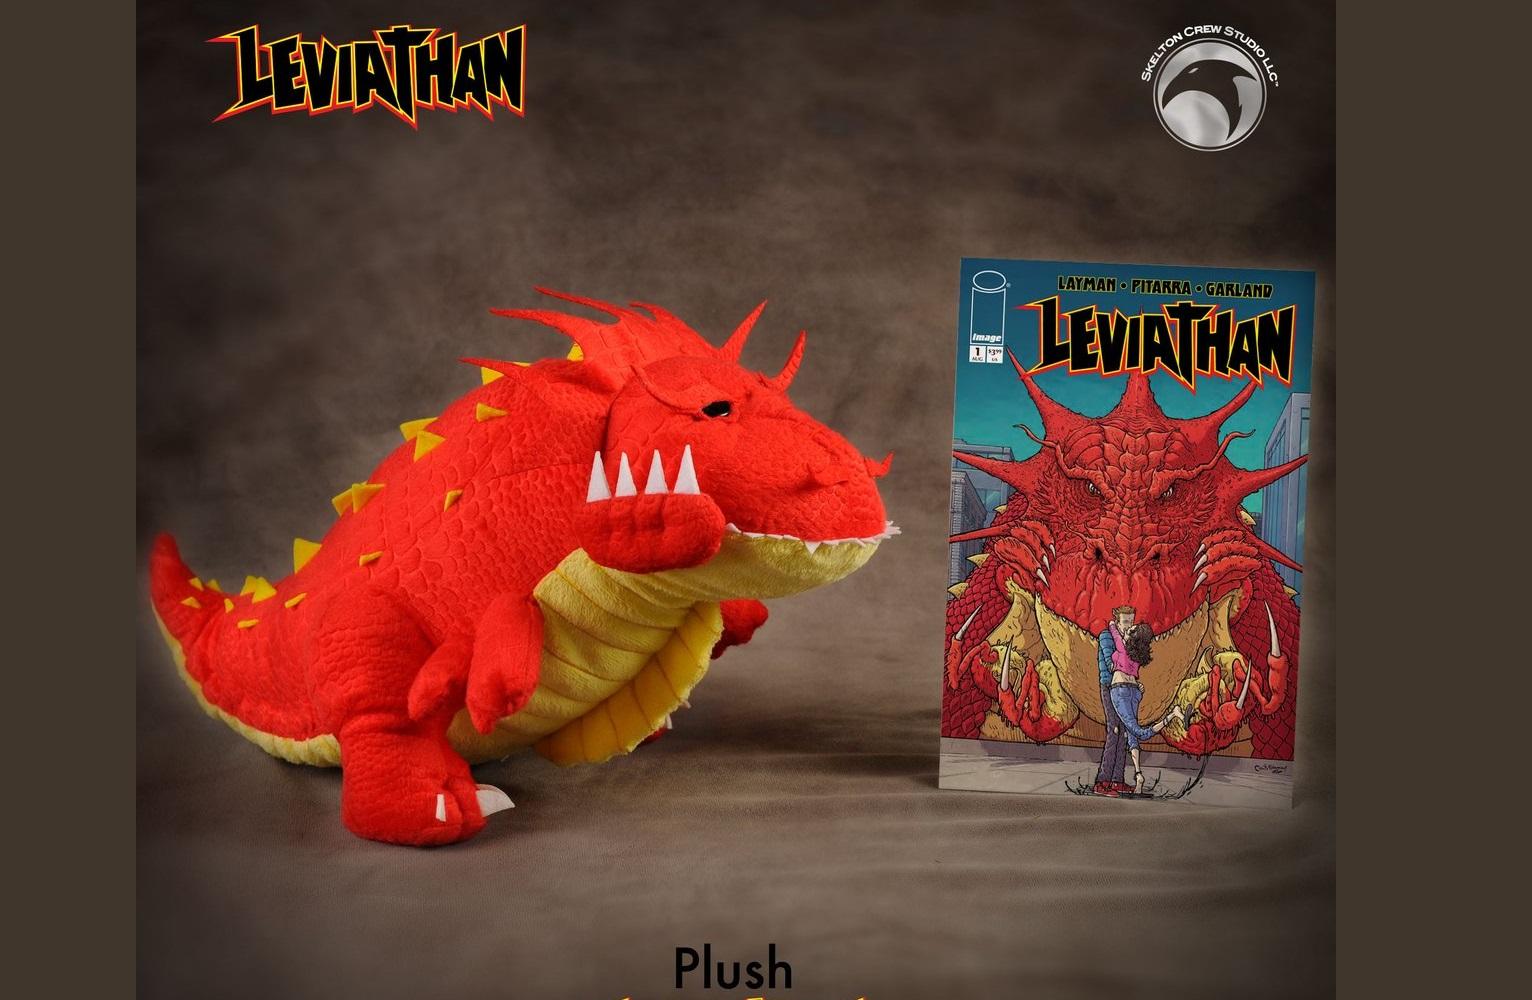 The Blot Says   : Leviathan Plush by Skelton Crew Studio x